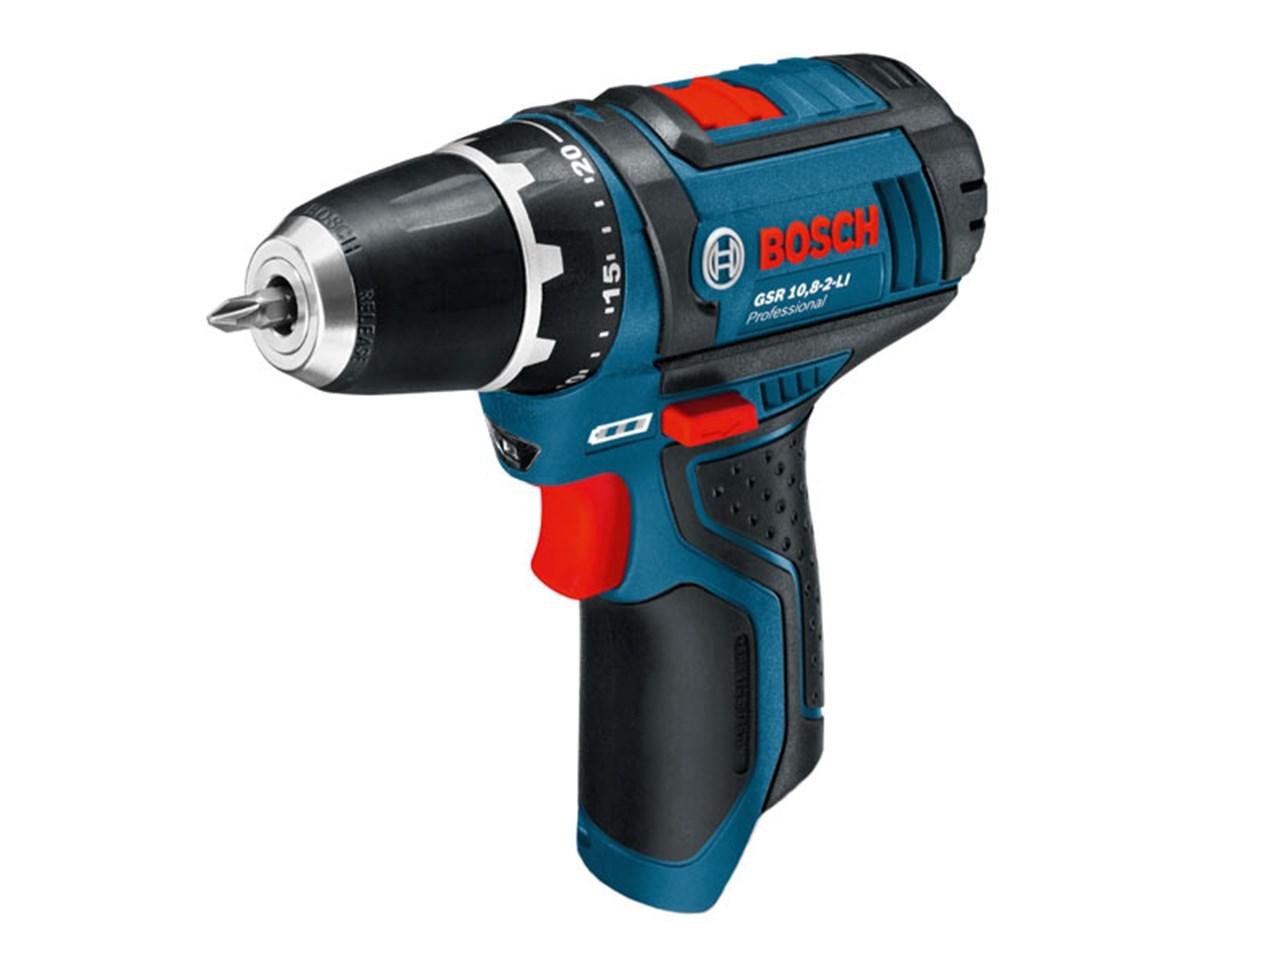 Voorkeur Bosch GSR12V15N 12v Cordless Drill Driver Bare Unit SD88